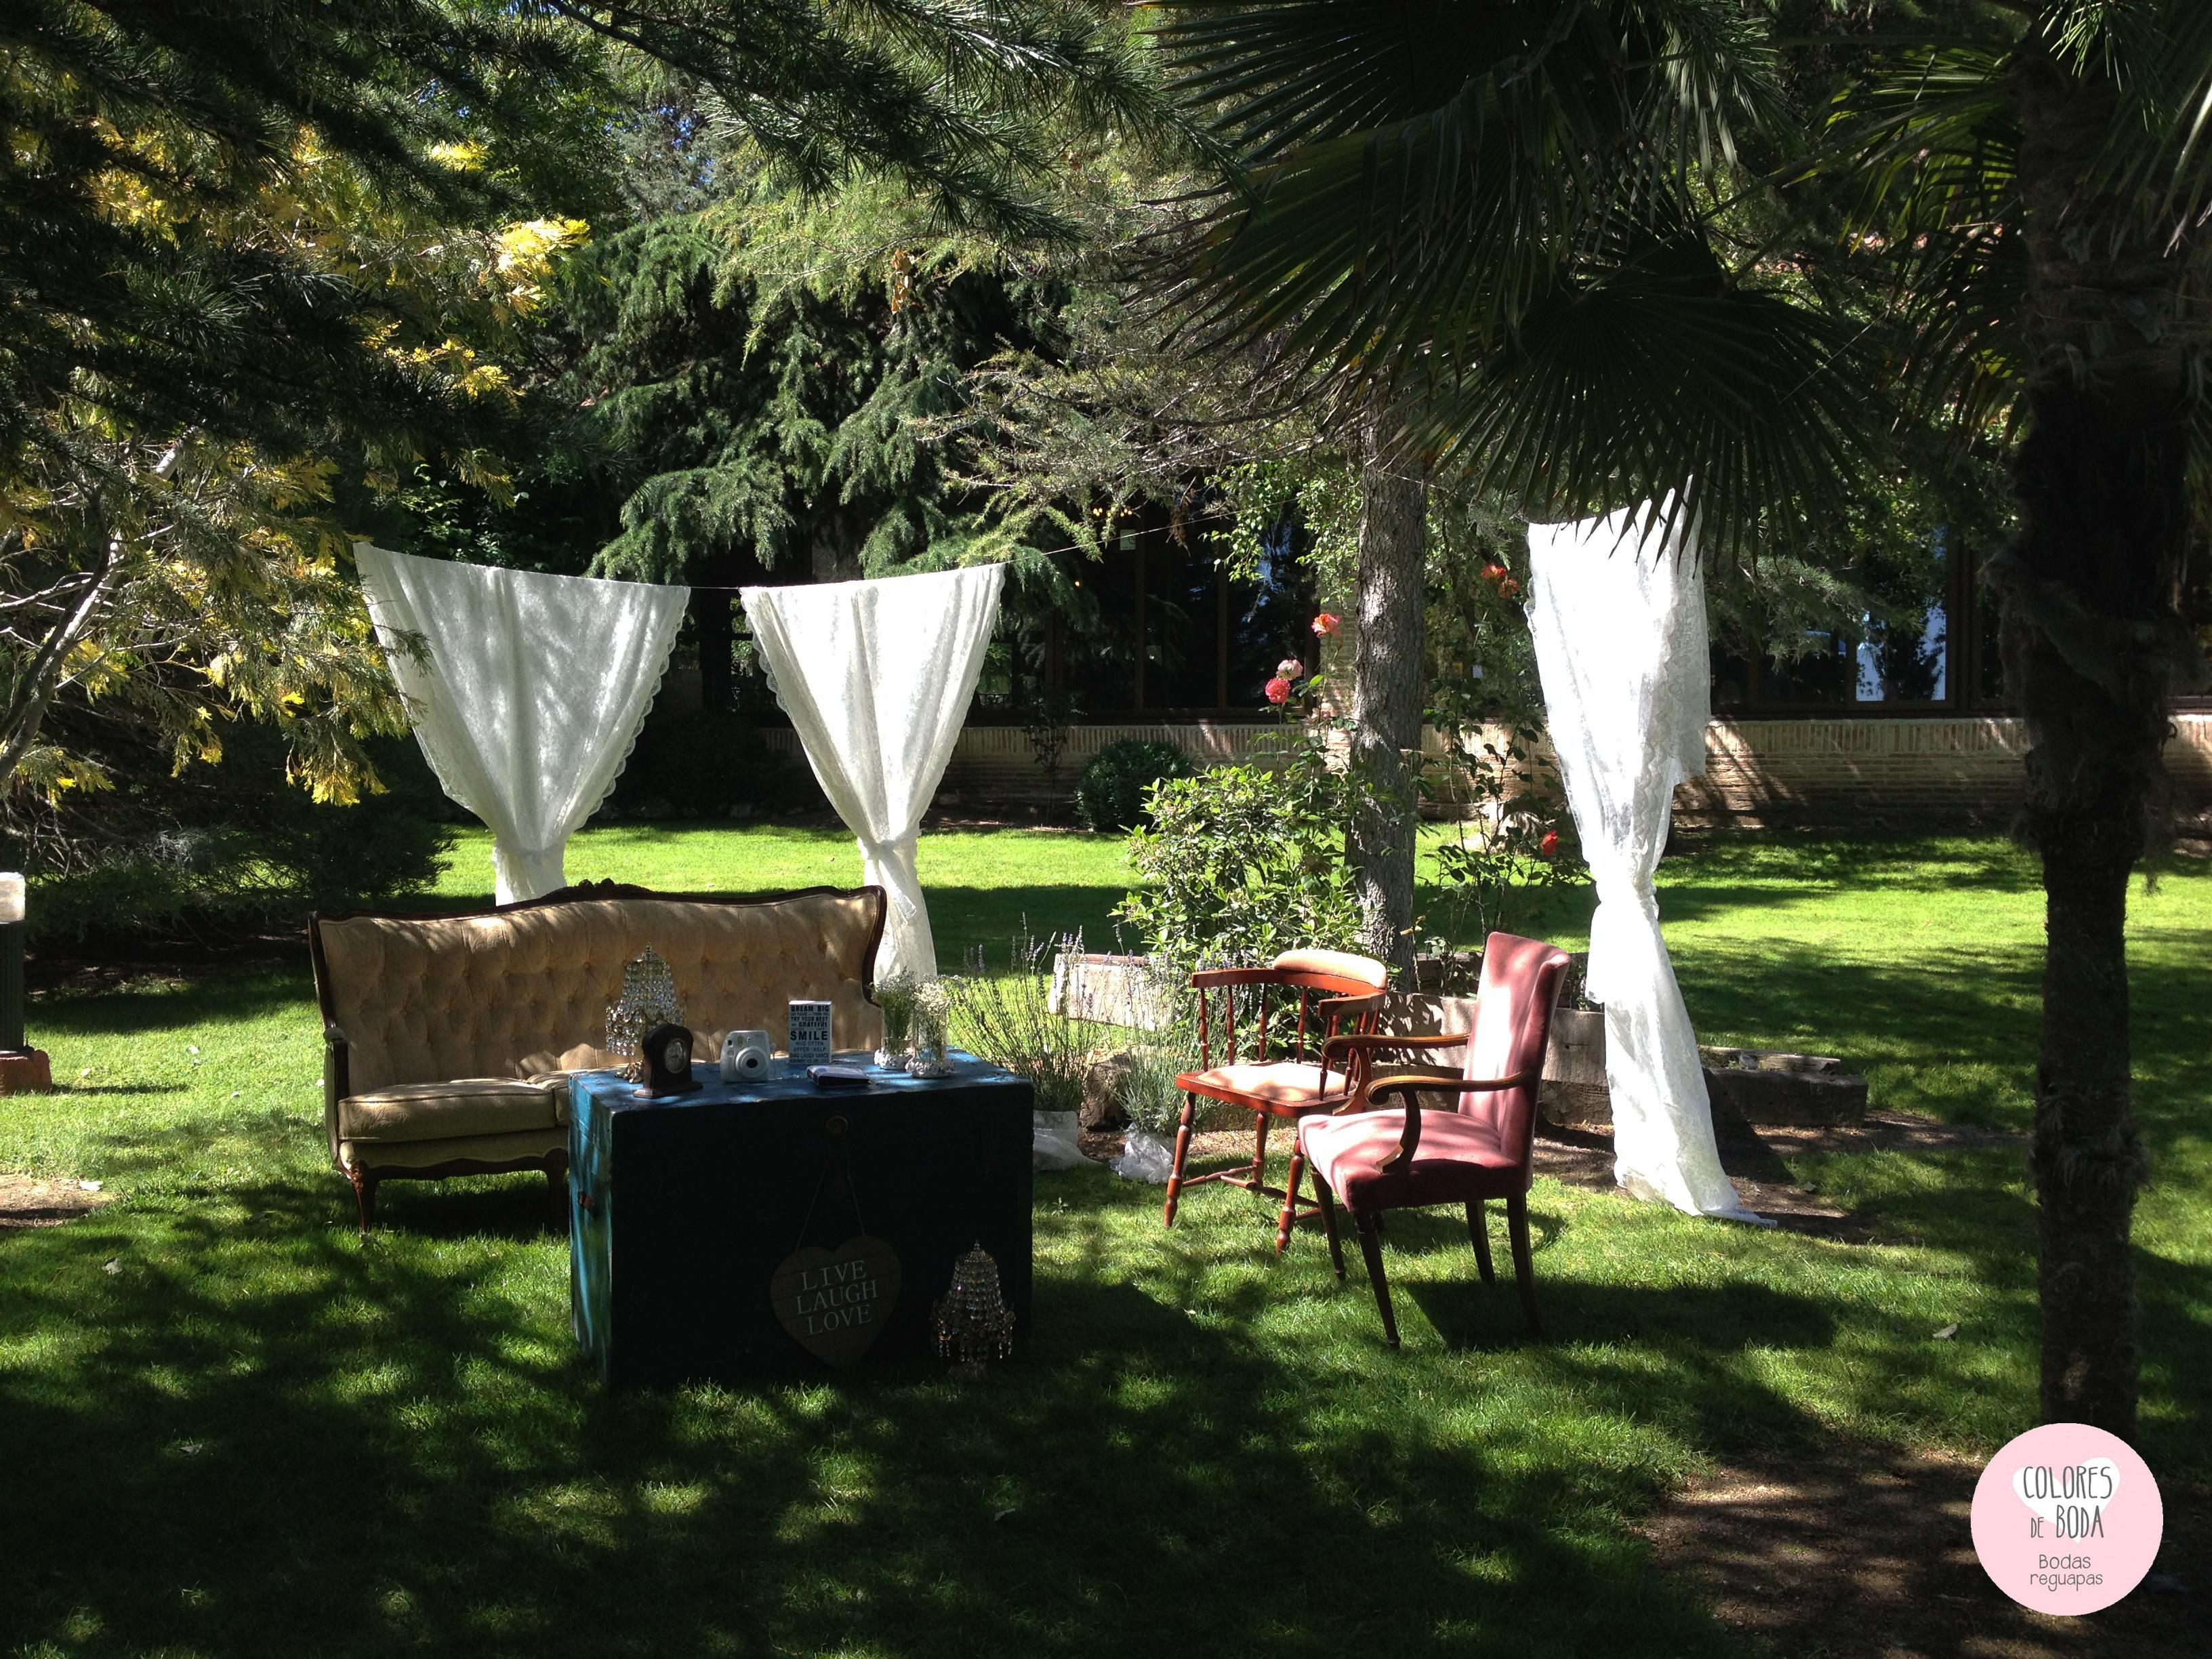 Colores de boda photoboth sillones cortinas vintage chiara for Cortinas vintage